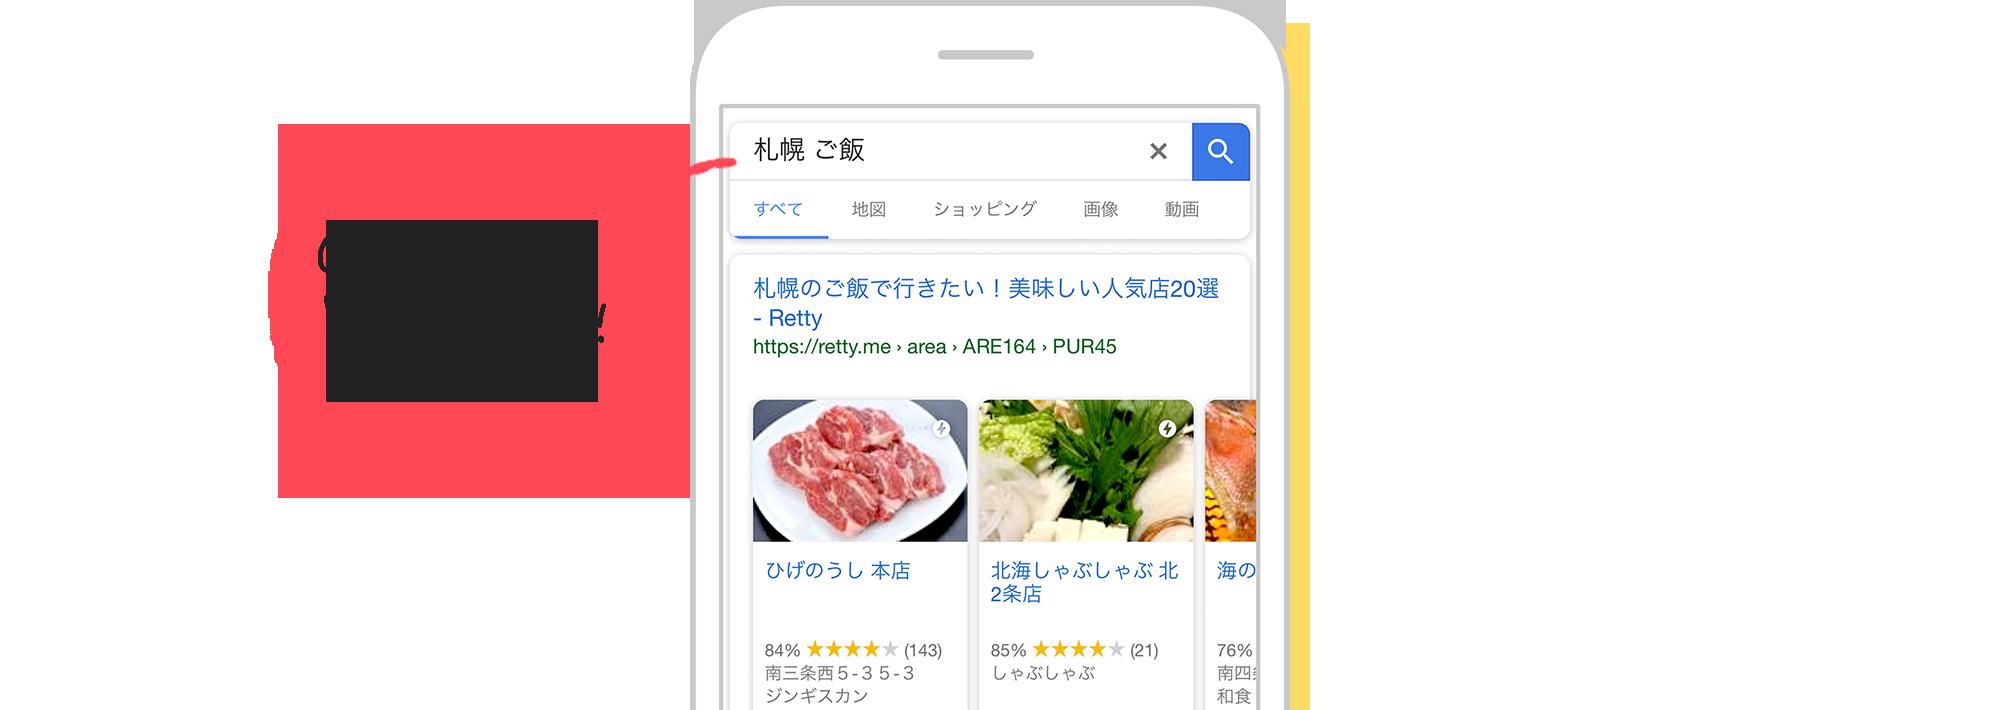 Gooleで「札幌 ご飯」を検索してみよう!